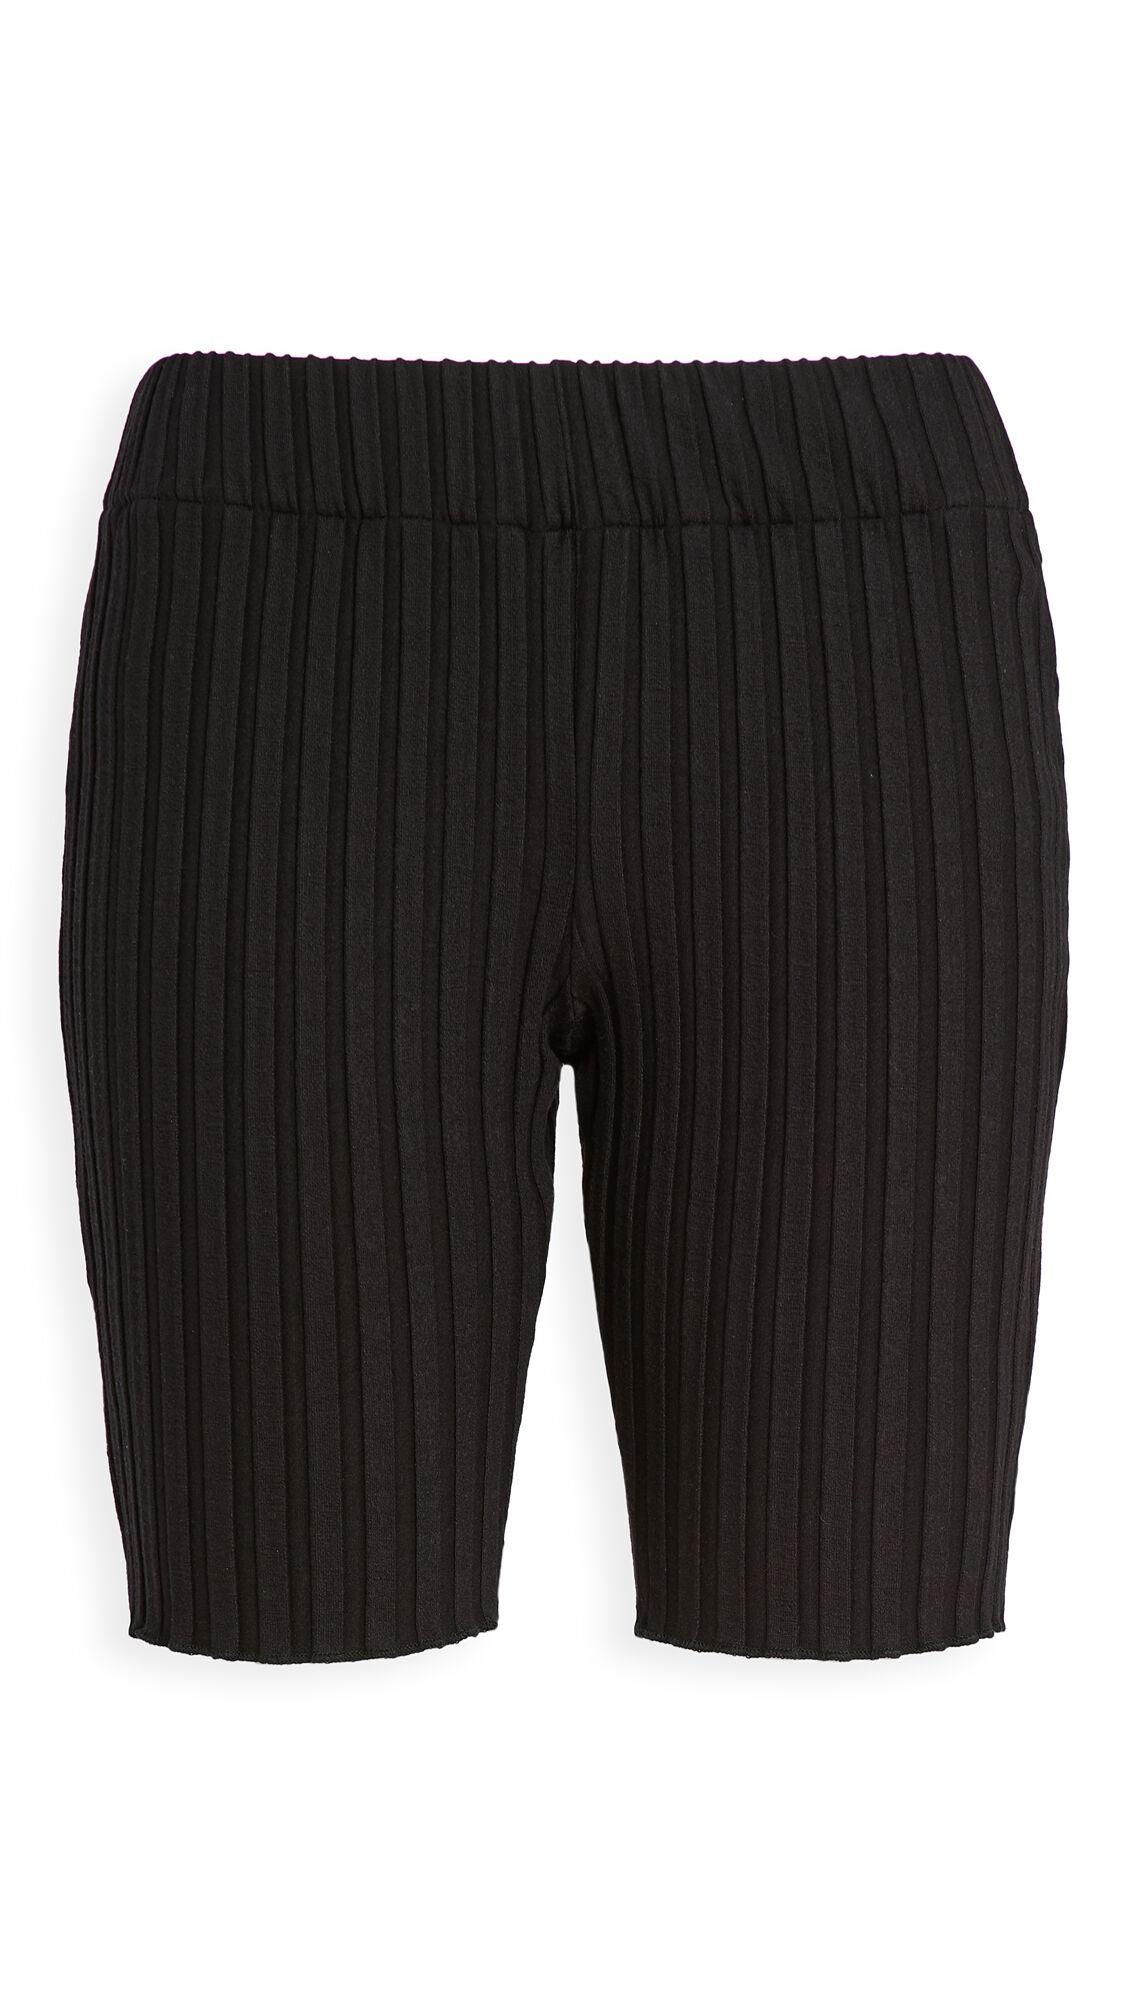 Simon Miller Burr Bike Shorts  - Black - Size: Extra Large